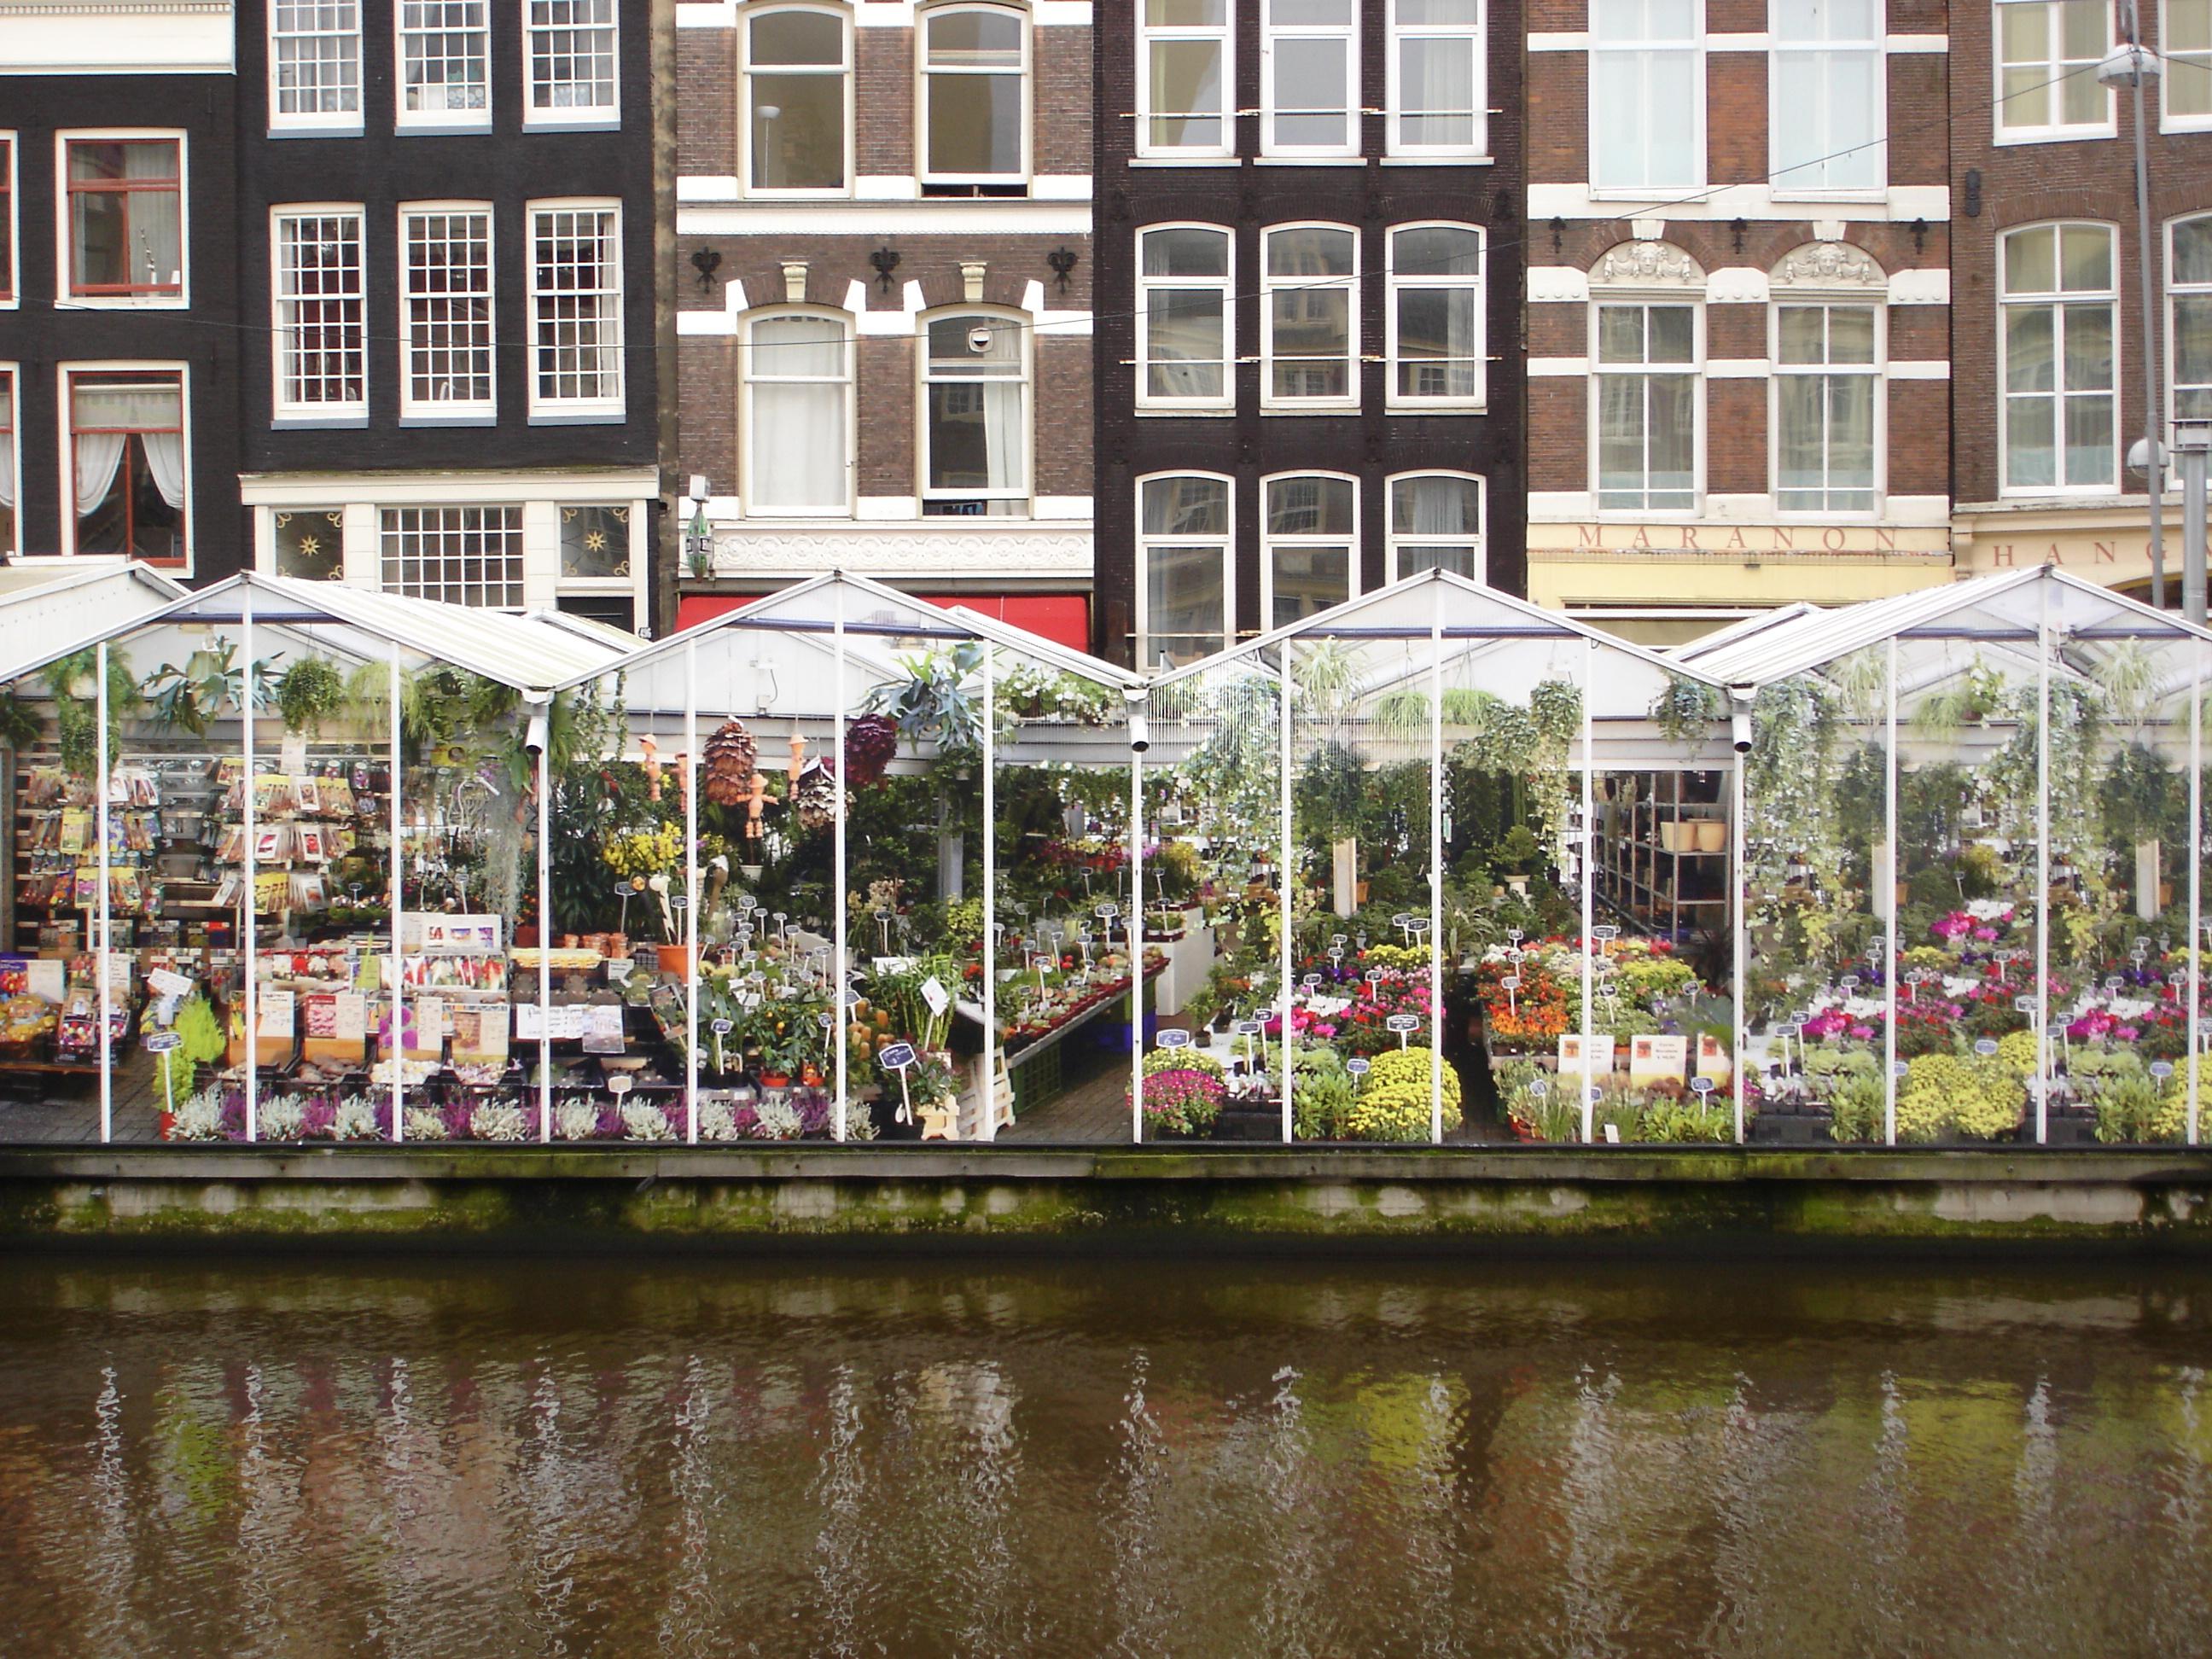 Que faire a Amsterdam? Top 10 activités et sorties (Tourisme Amsterdam) 2